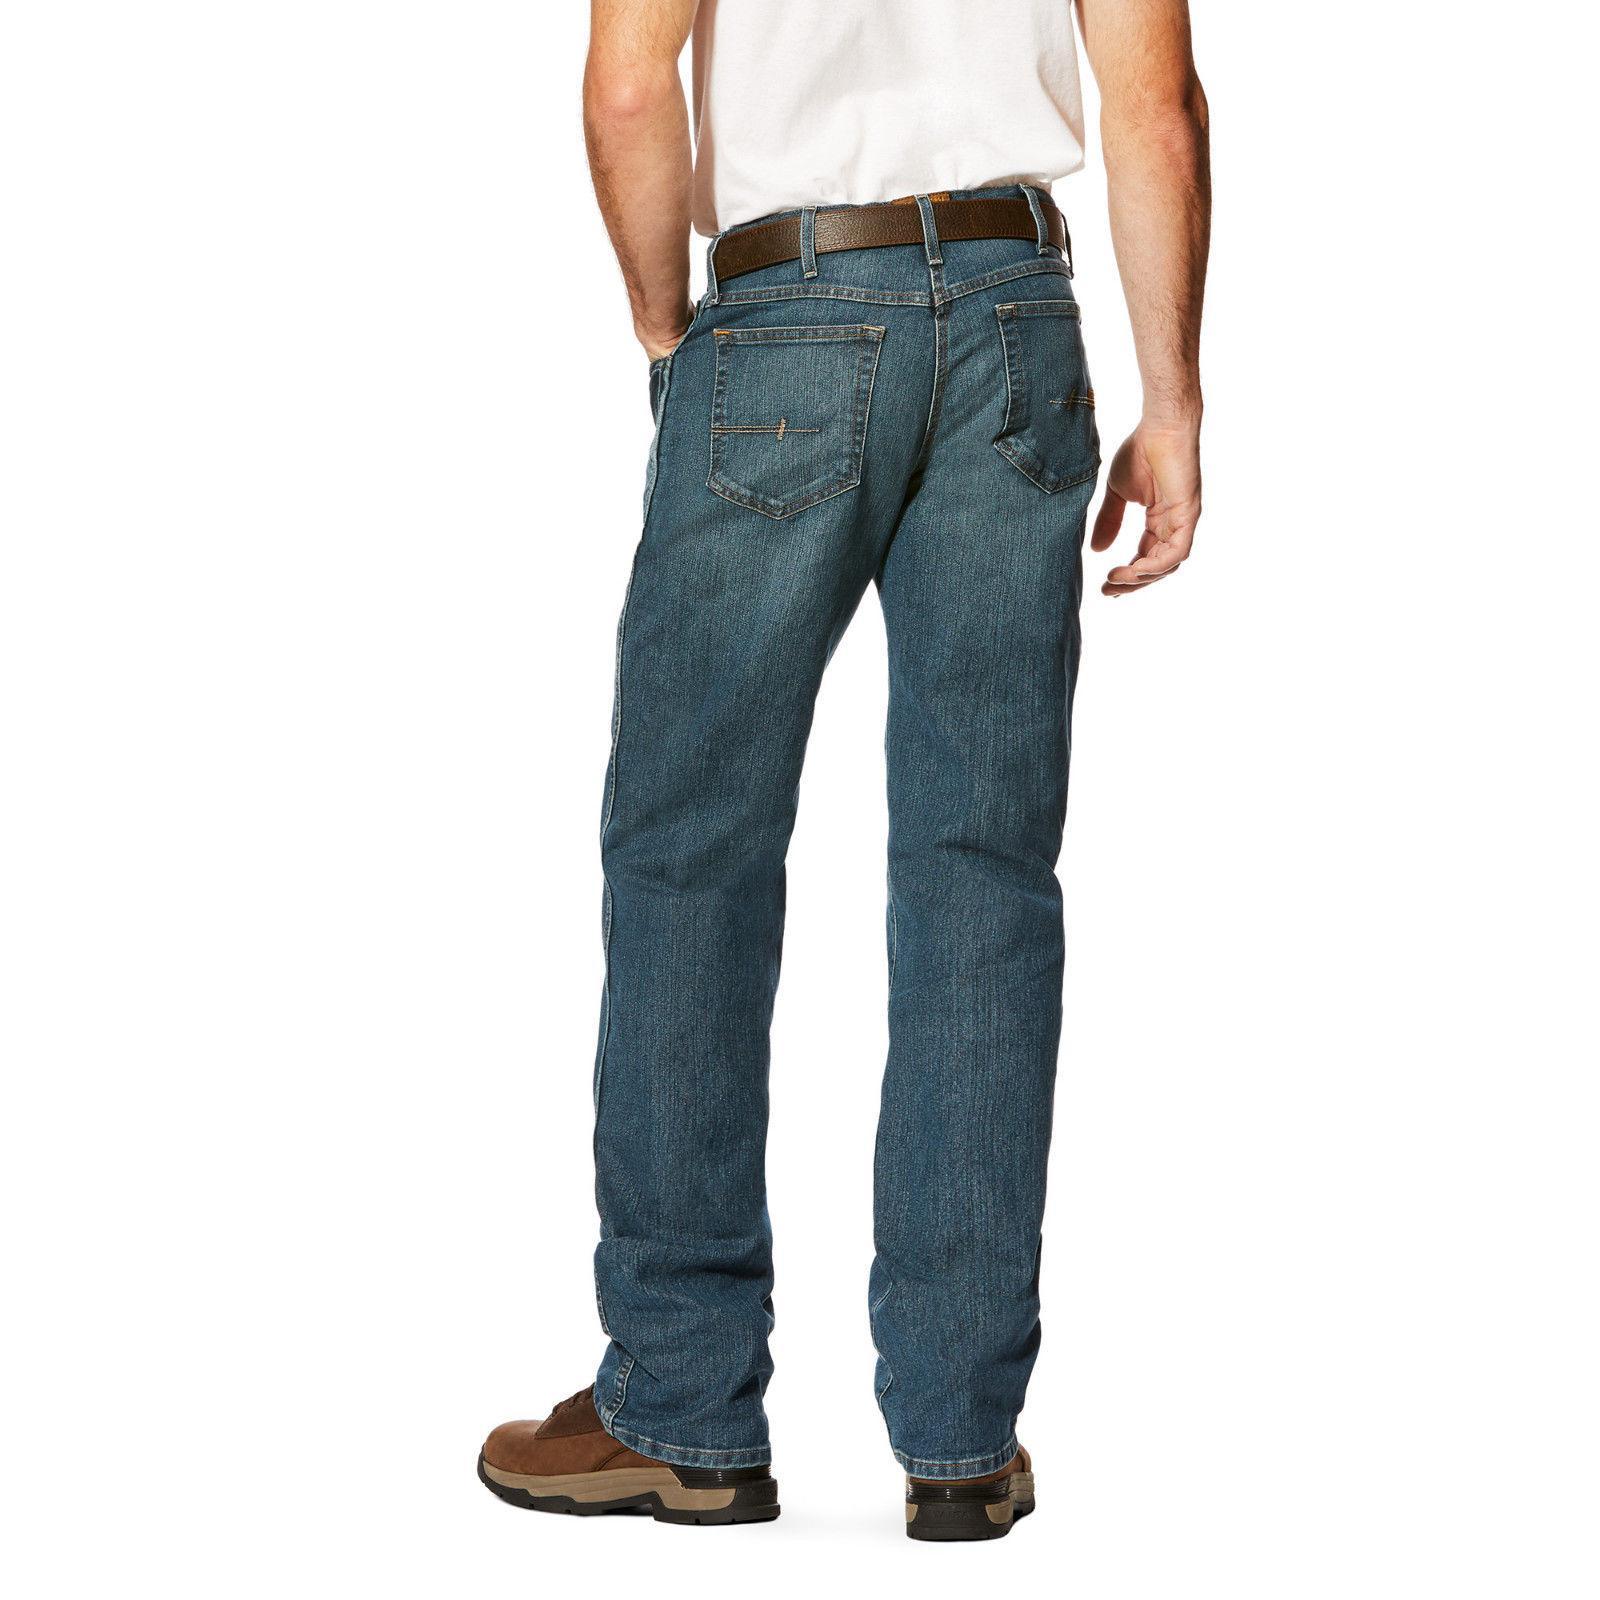 Ariat® Men's M4 Low Cut Jeans 10016221